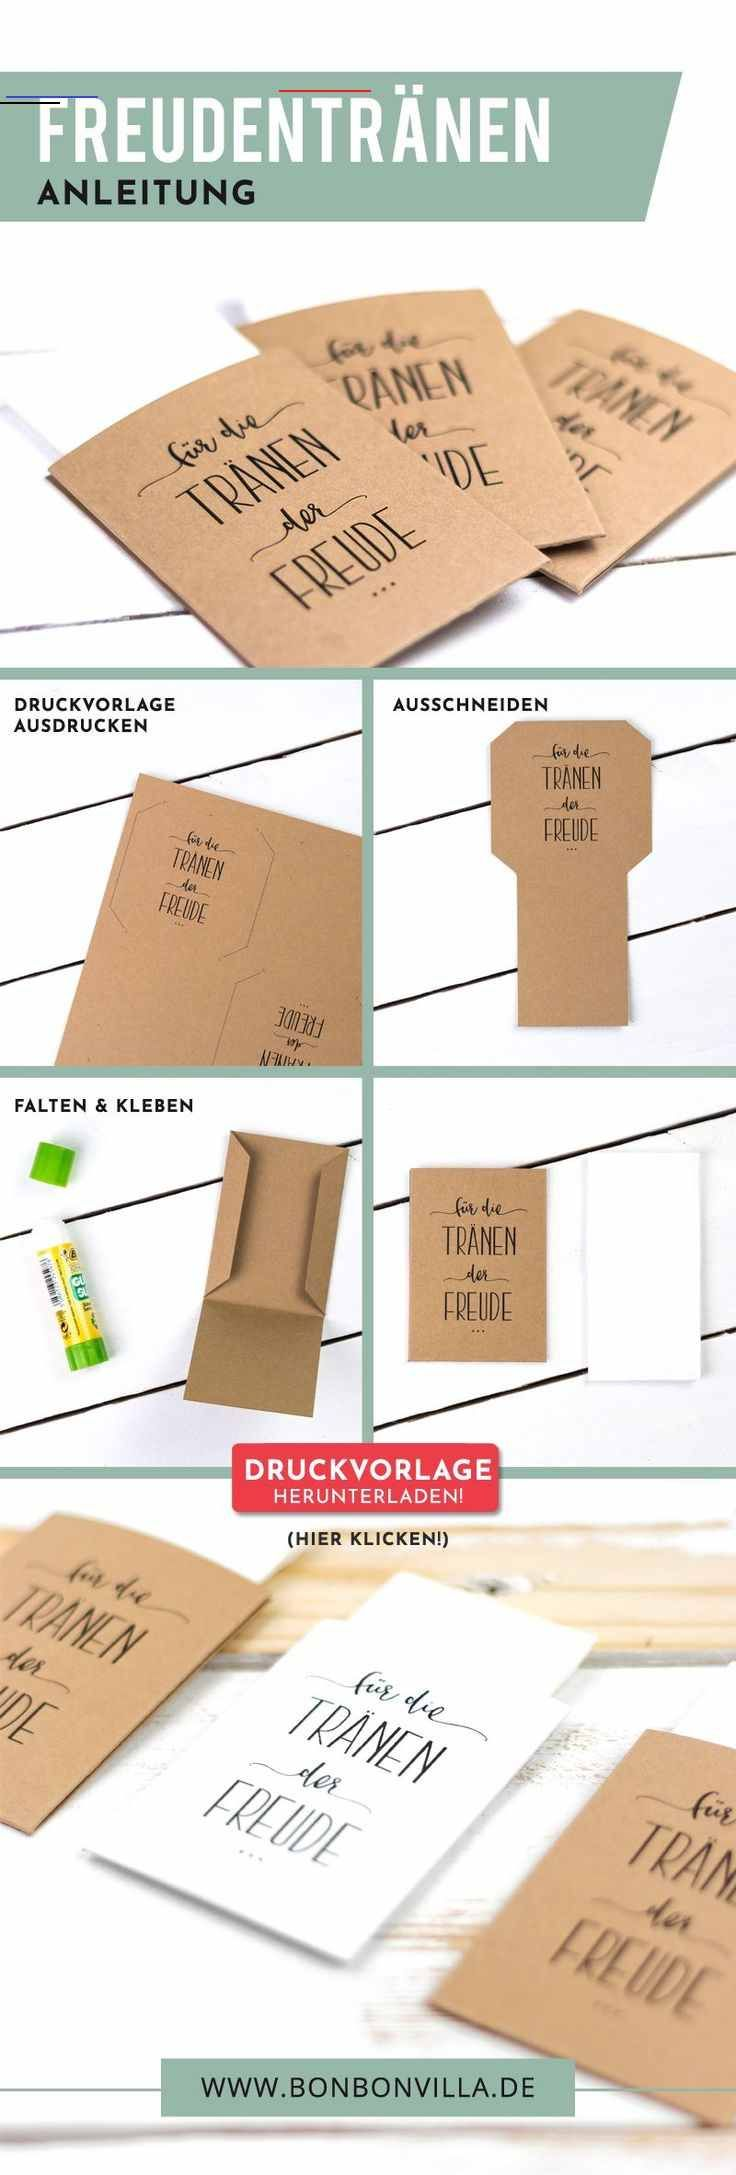 Taschentucher Pro Die Freudentranen Portable Document Format Br Manuskript Zum Herunterladen Freundentranen Taschentucher Friemeln Mit Vorlage Sc I 2020 Skript